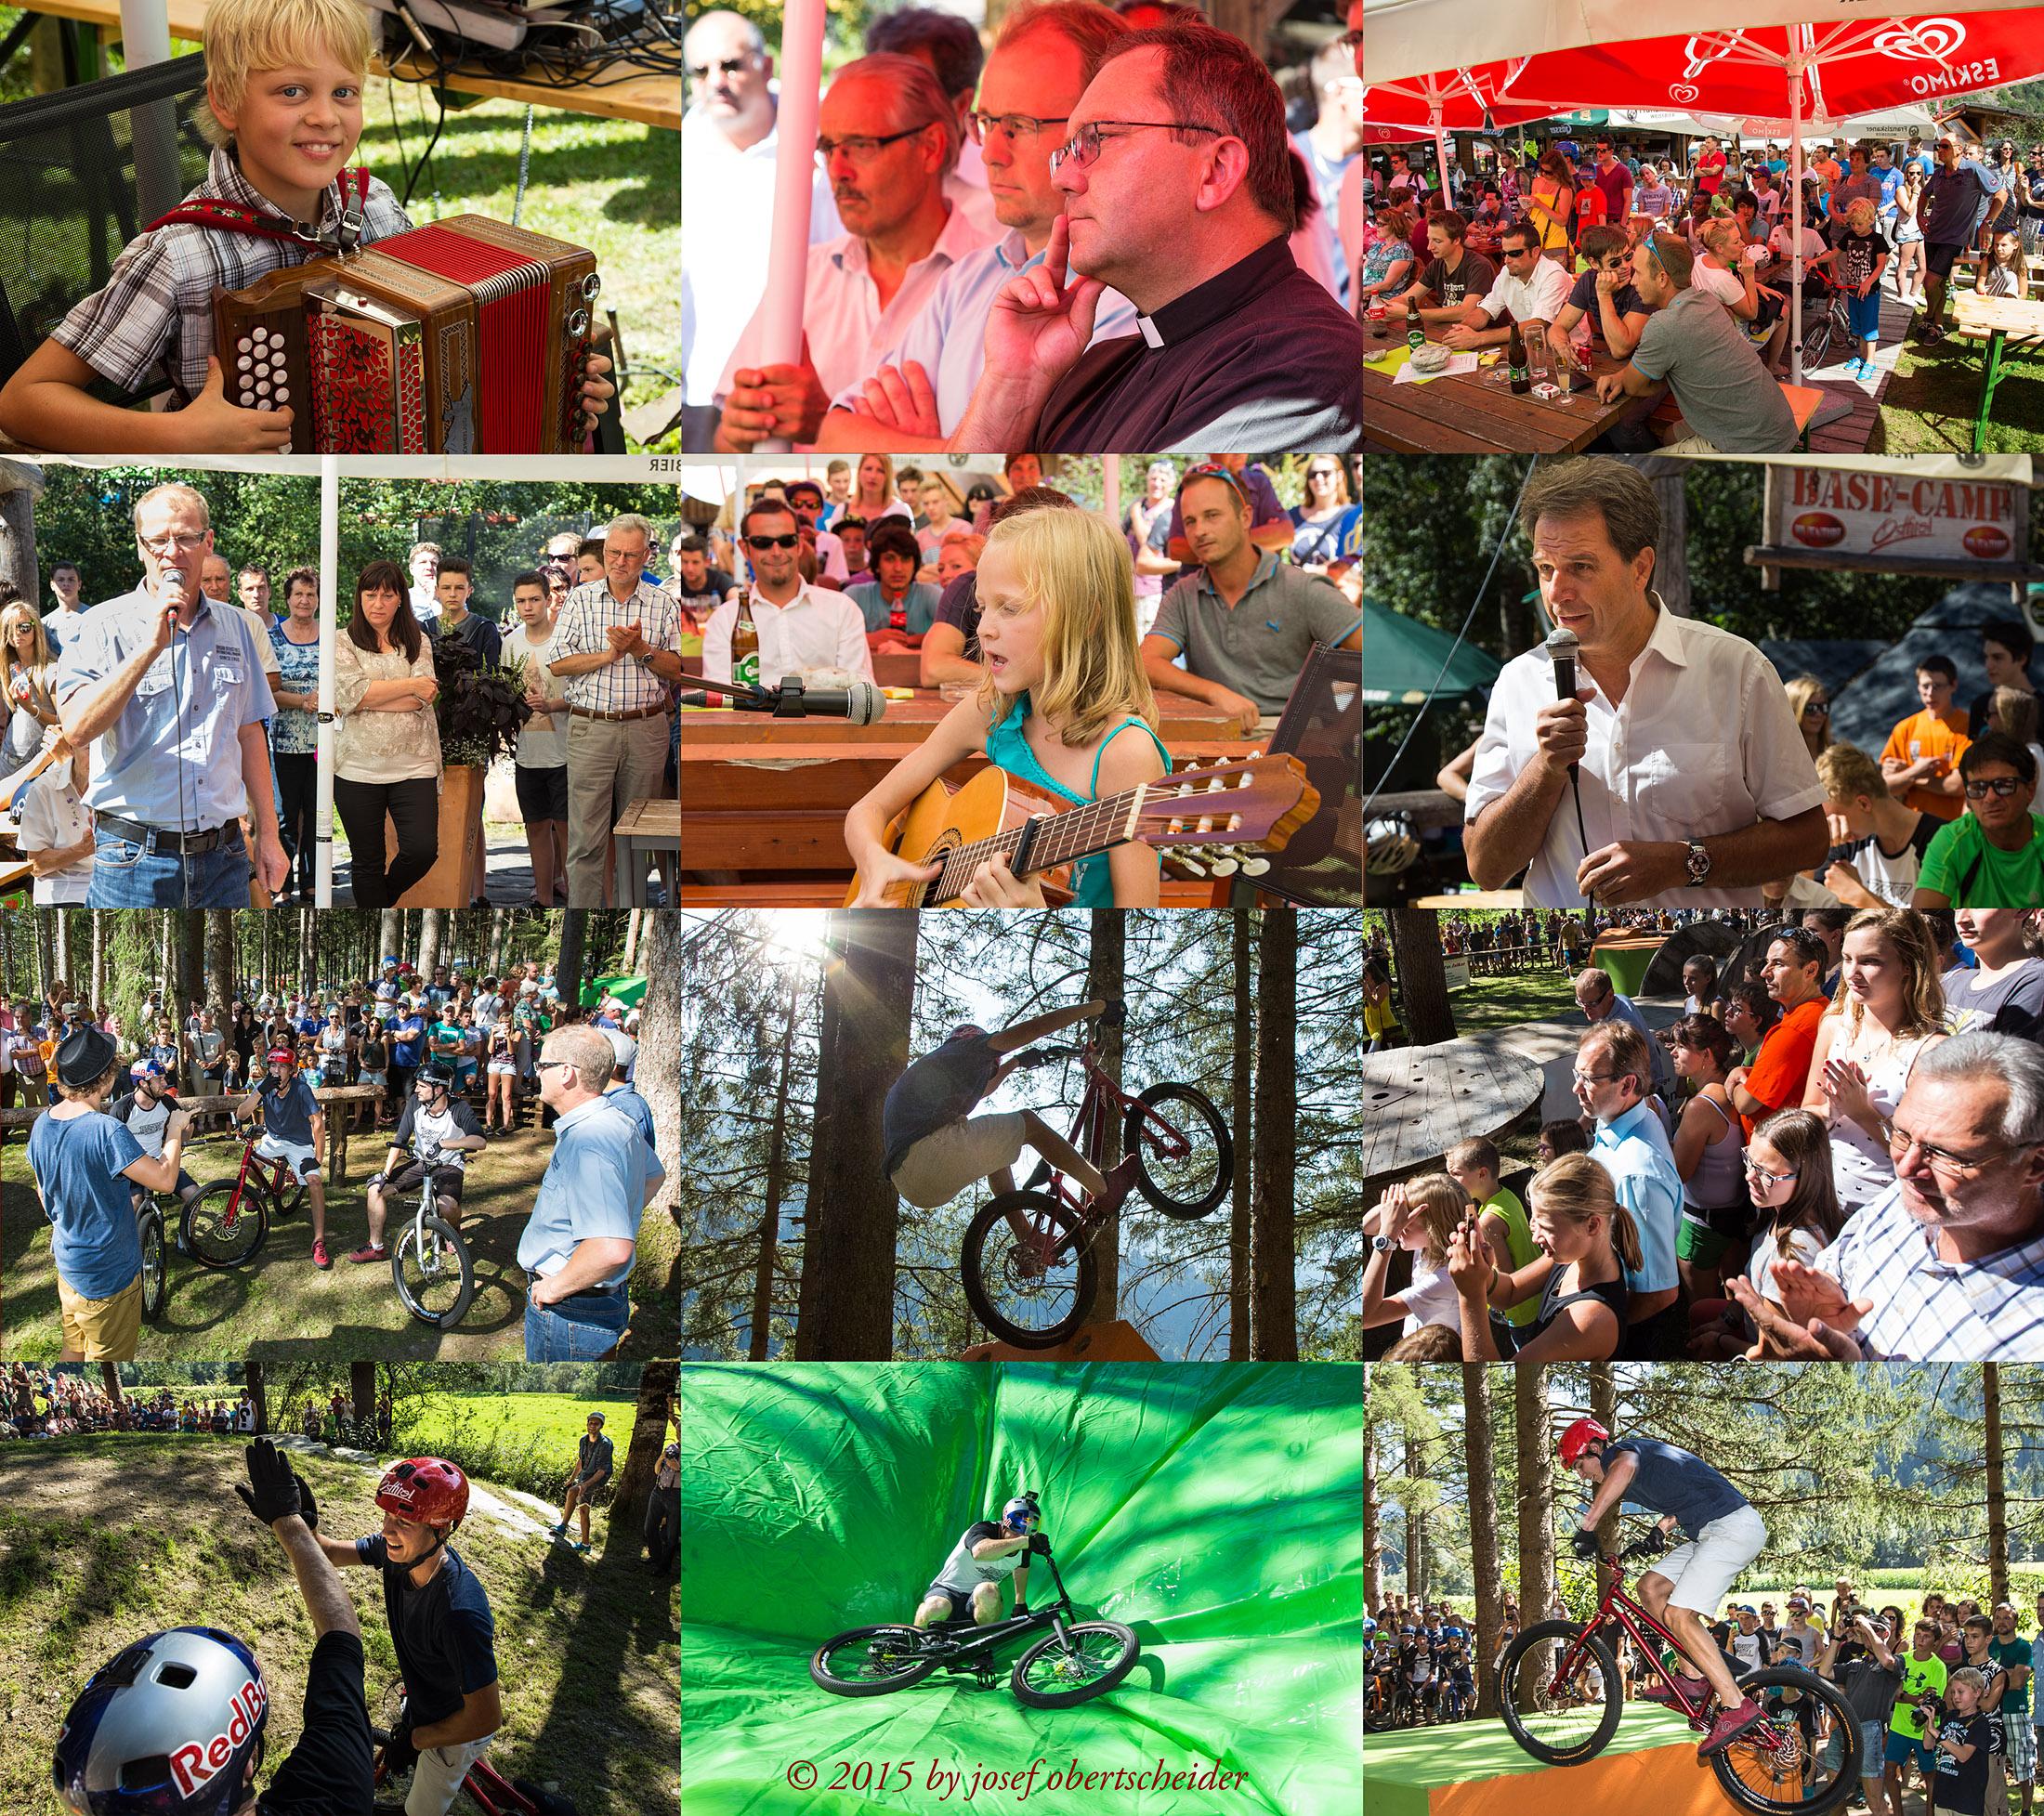 Eröffnung des Trial-Bike-Parks in Ainet